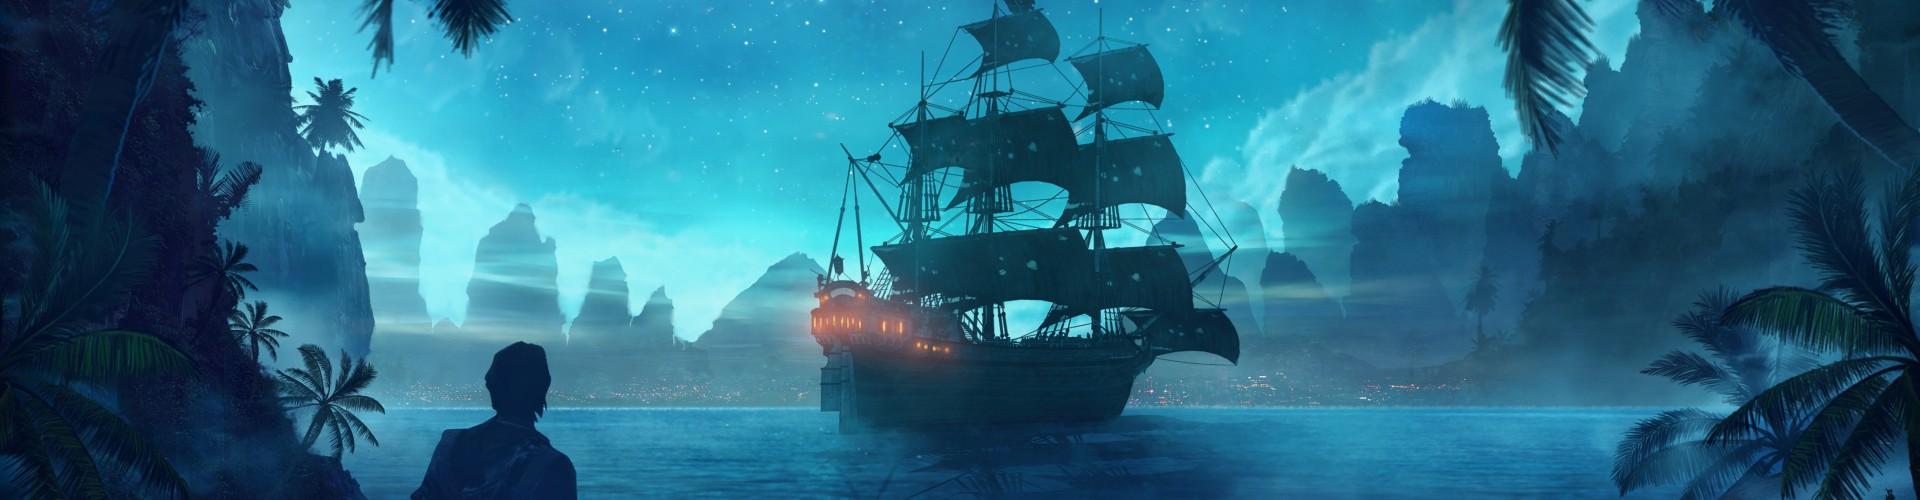 Kapitein Wonder Piratenshow